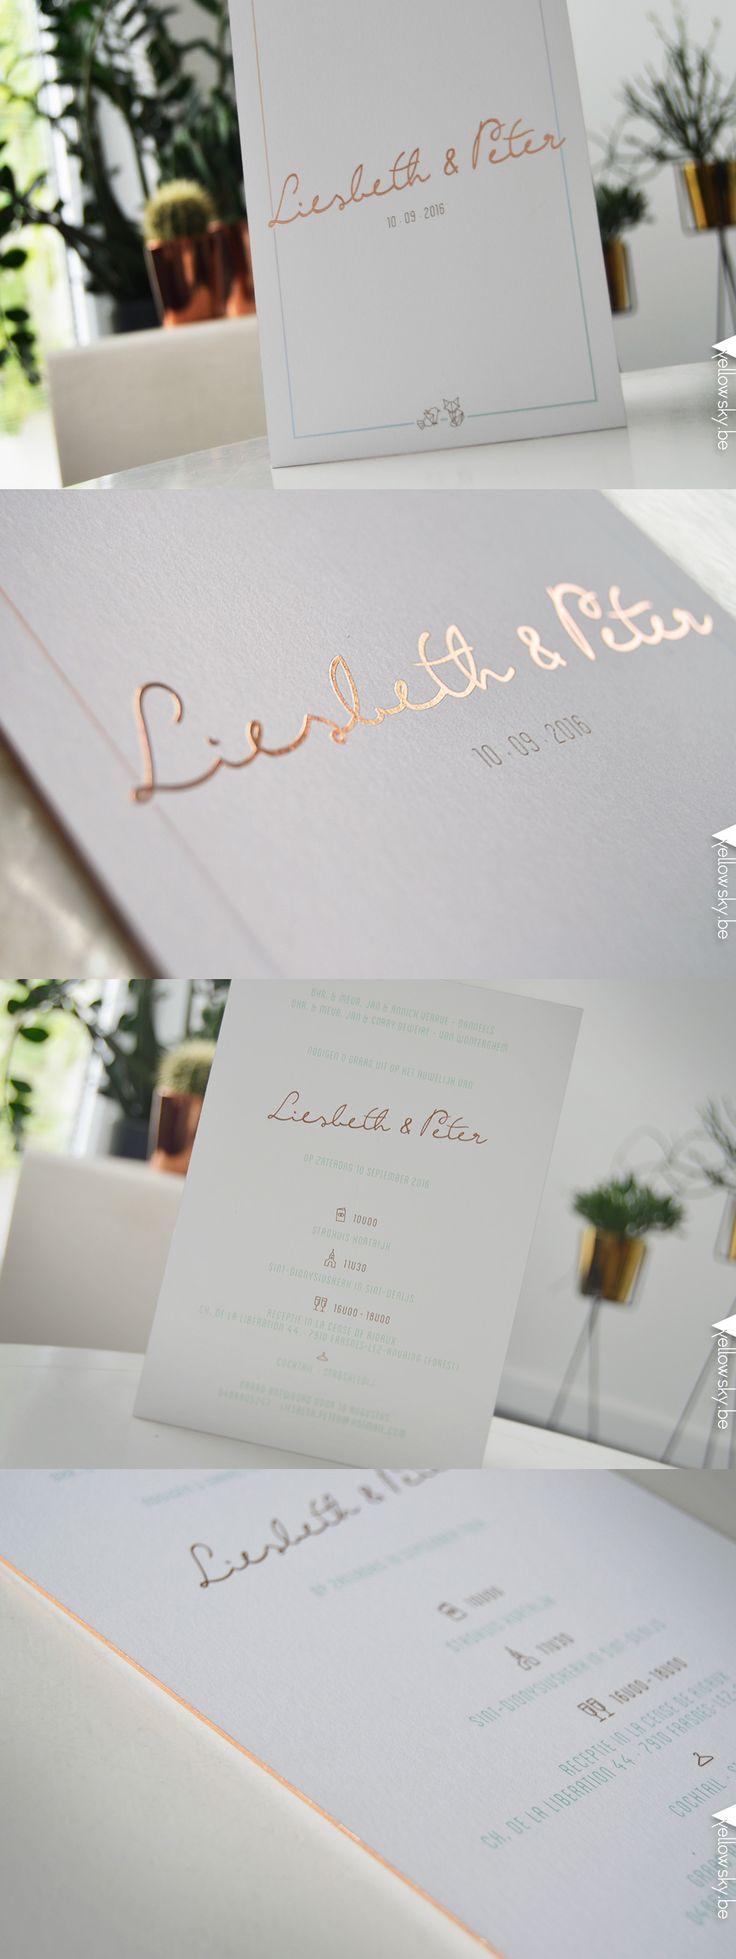 Stijlvolle trouwuitnodiging voor Liesbeth en Peter! Designed by Yellow Sky! #koperfolie #koper #pastel #trouwen #kaartje #uitnodiging #uniek